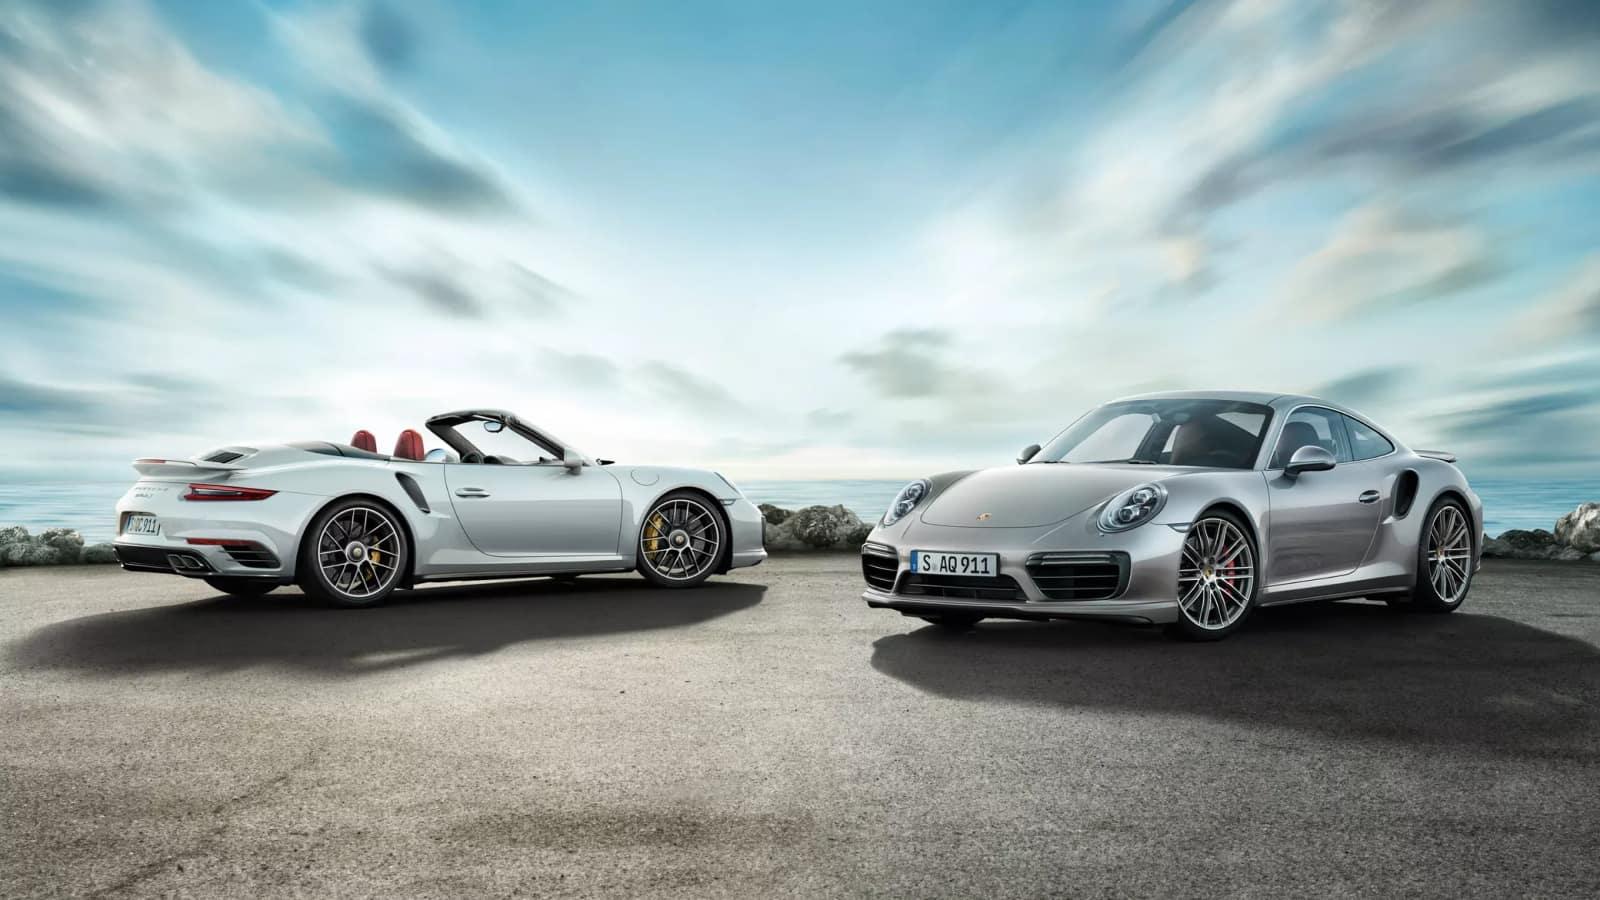 Porsche 991 vs 992 Differences